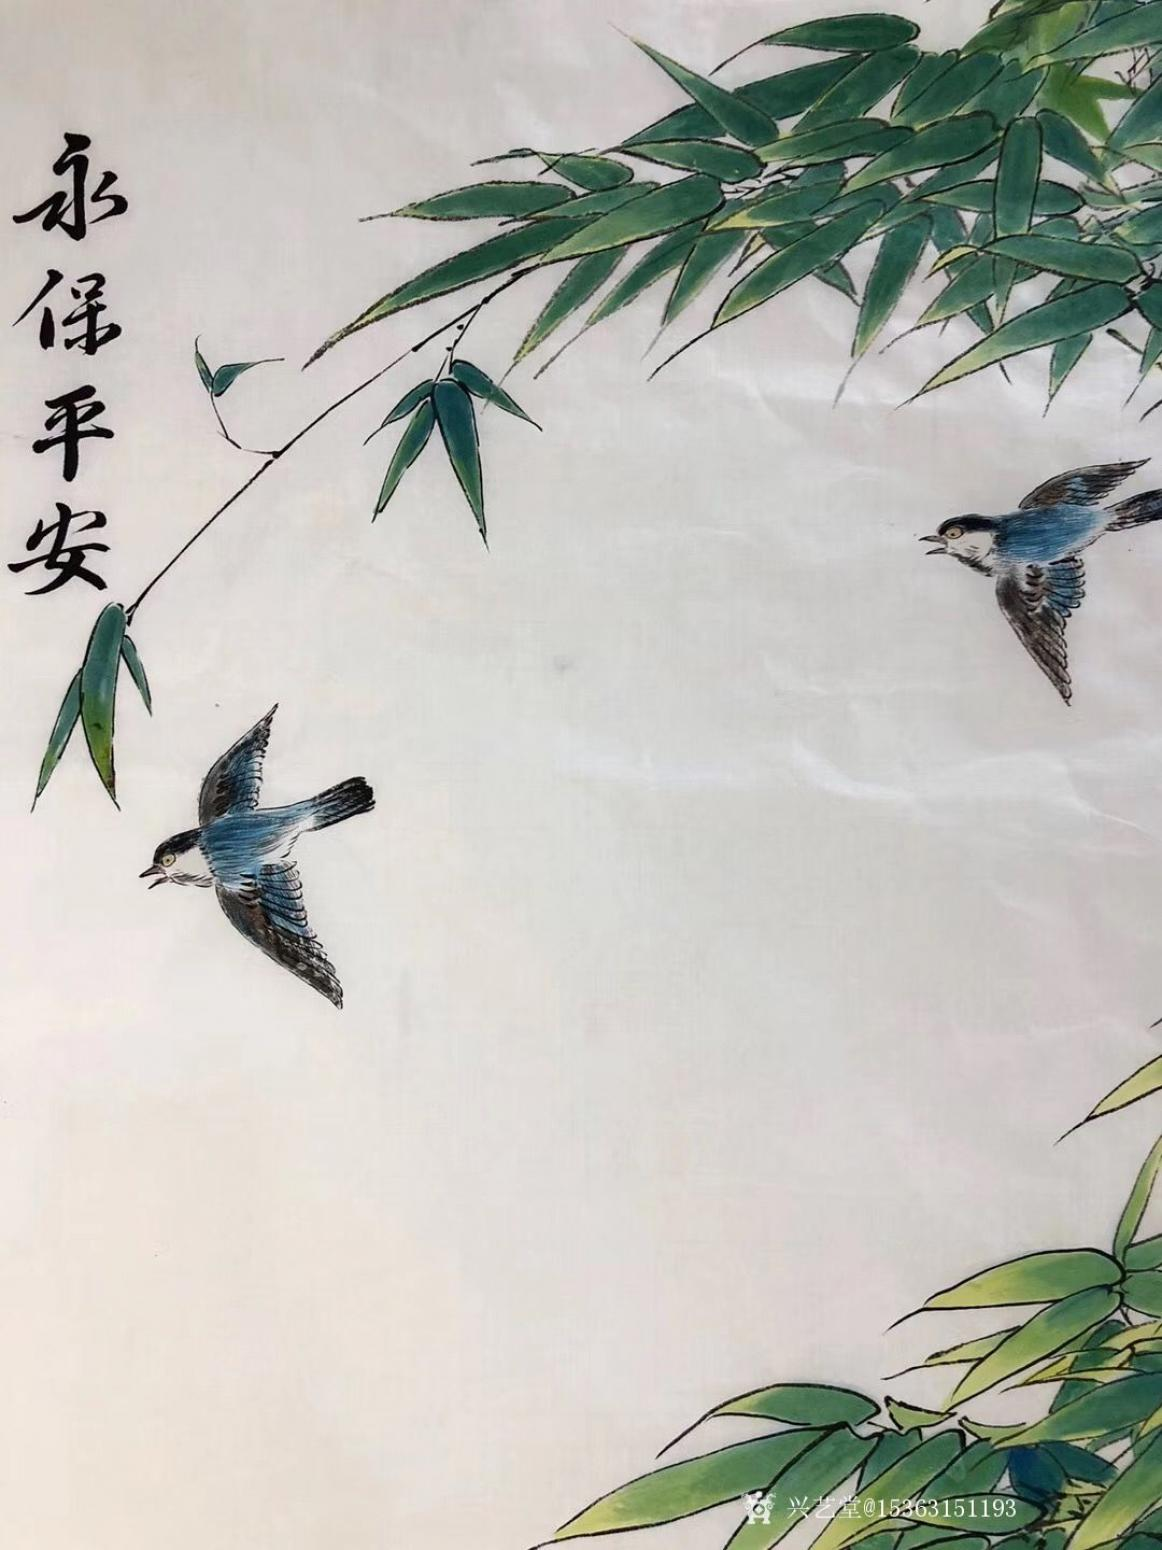 15363151193国画作品《永保平安》【图6】